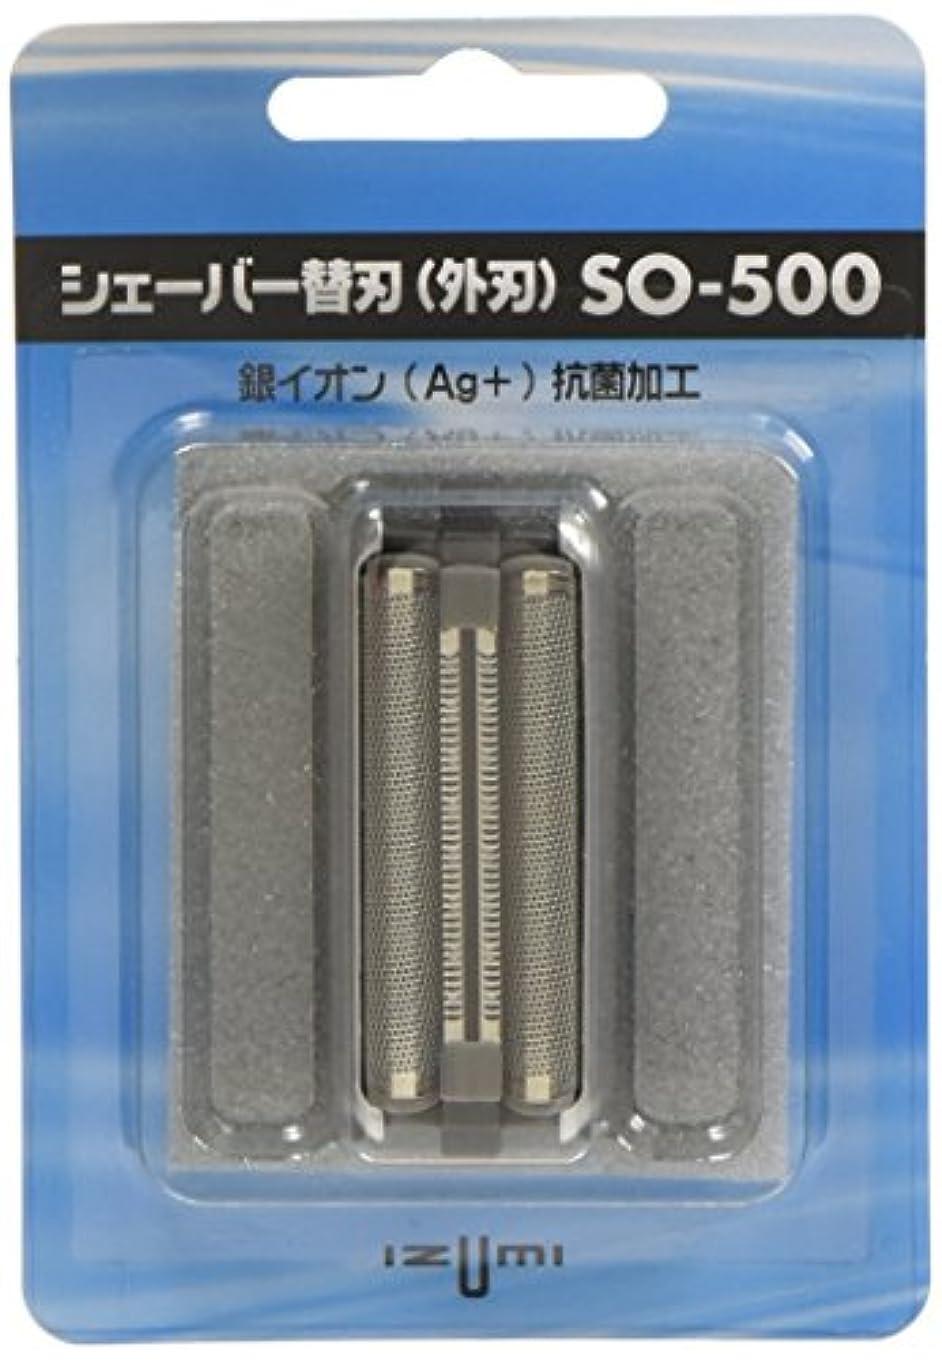 記念デコードする公IZUMI(泉精器製作所) 往復式シェーバー用外刃 替刃 SO-500